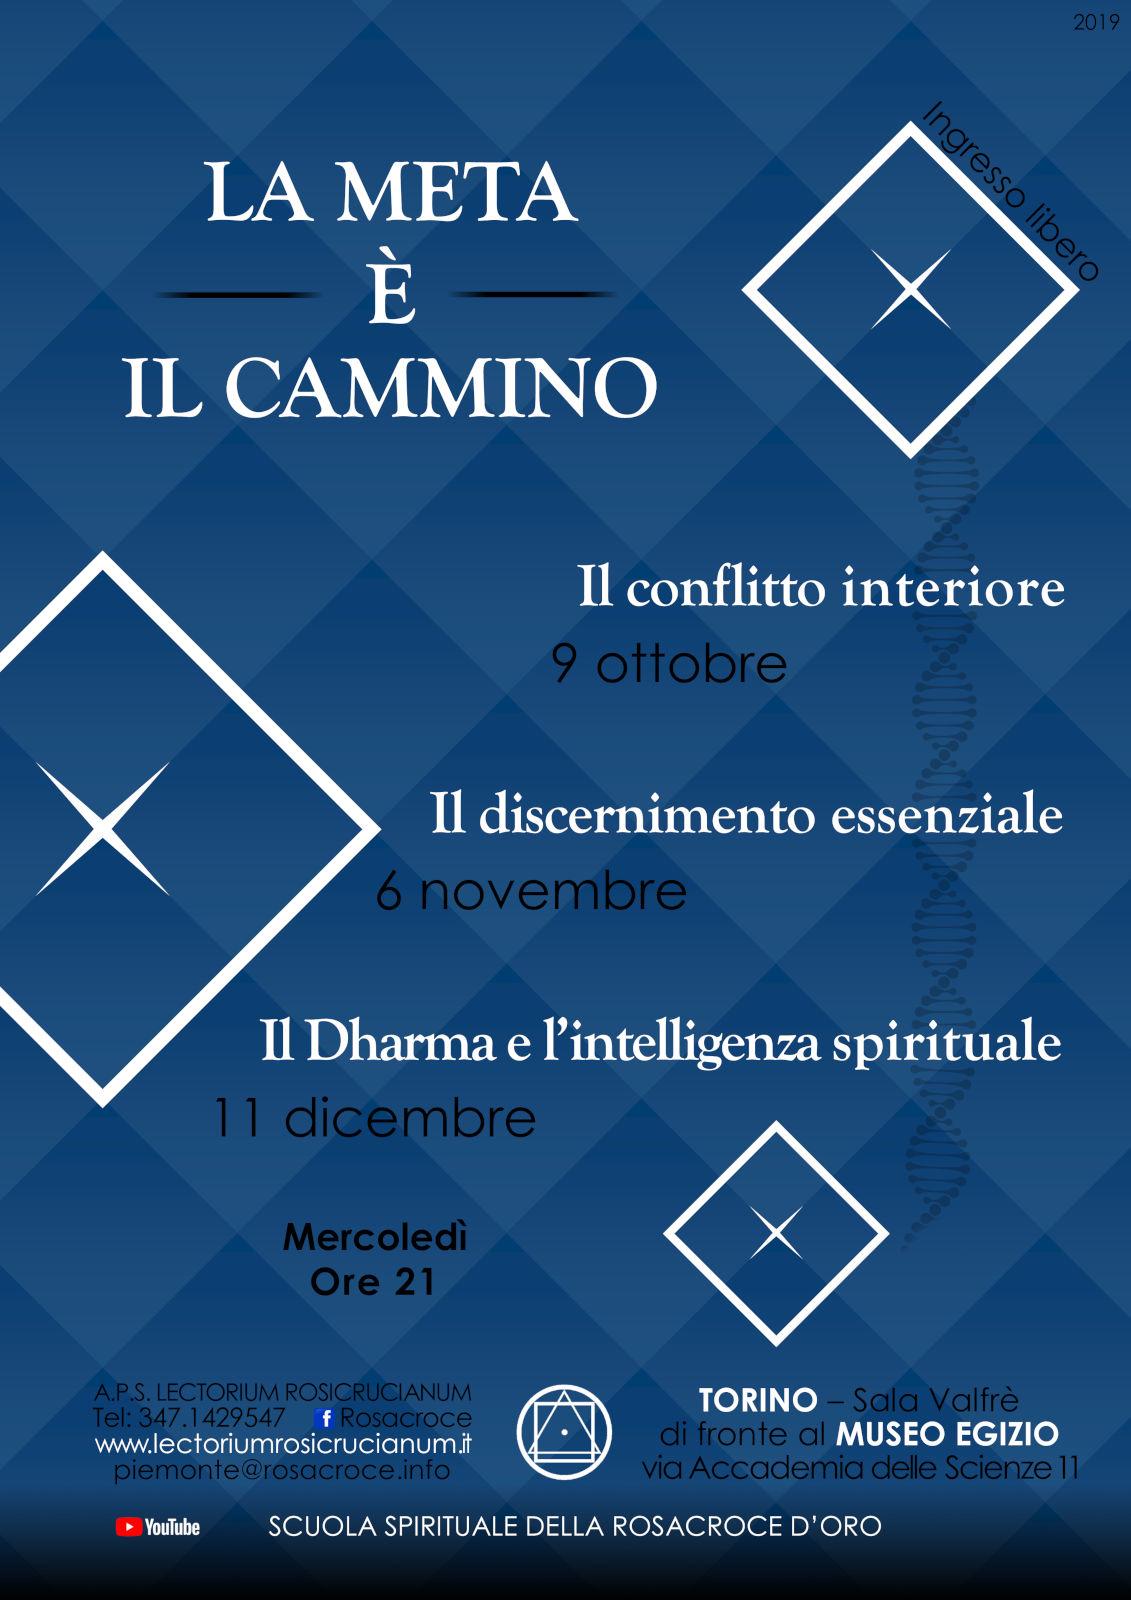 Dialogo con la Rosacroce: La meta è il cammino - Il discernimento essenziale.